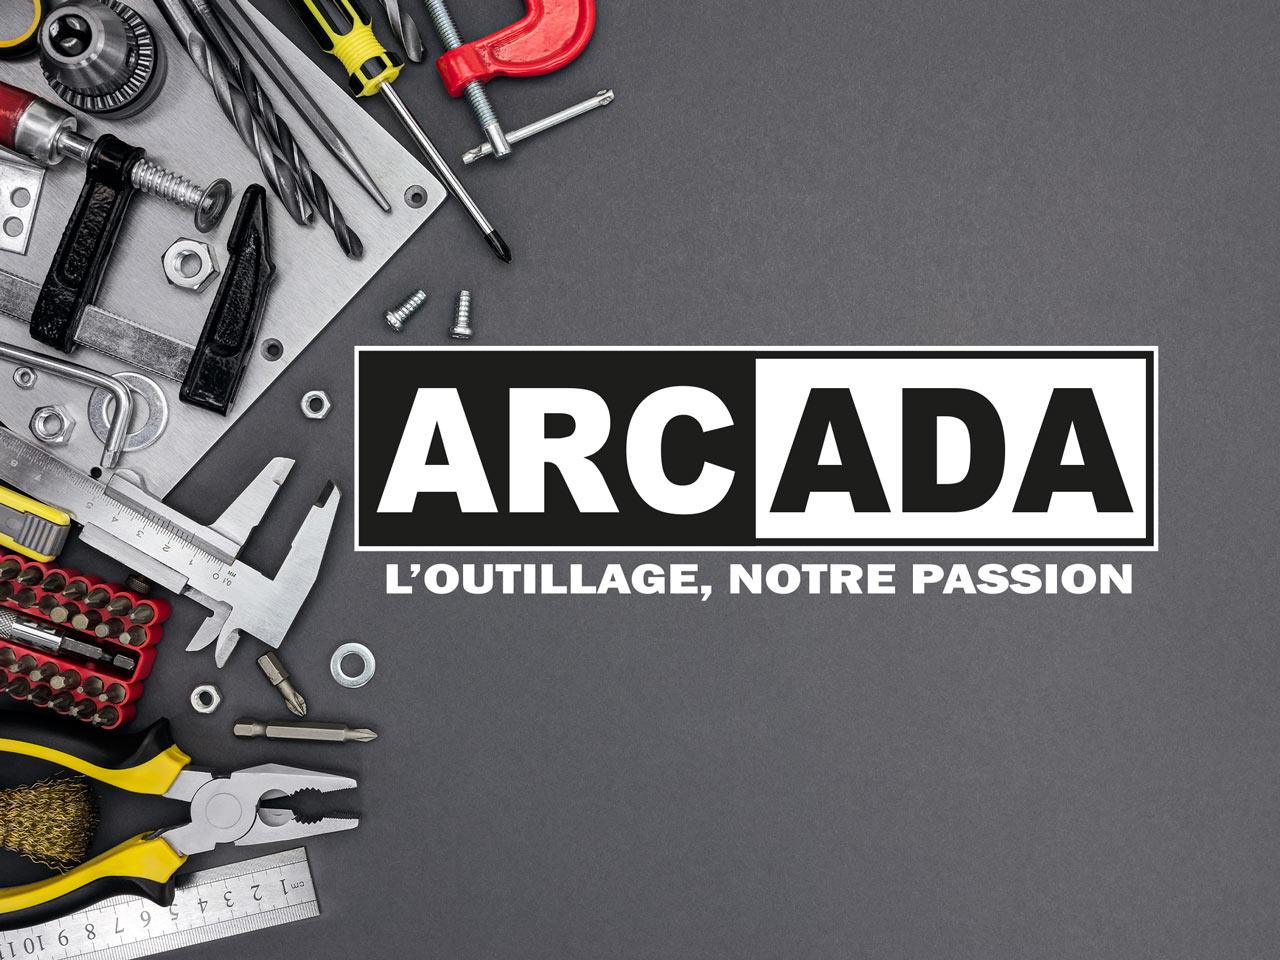 Arcada - Outillage